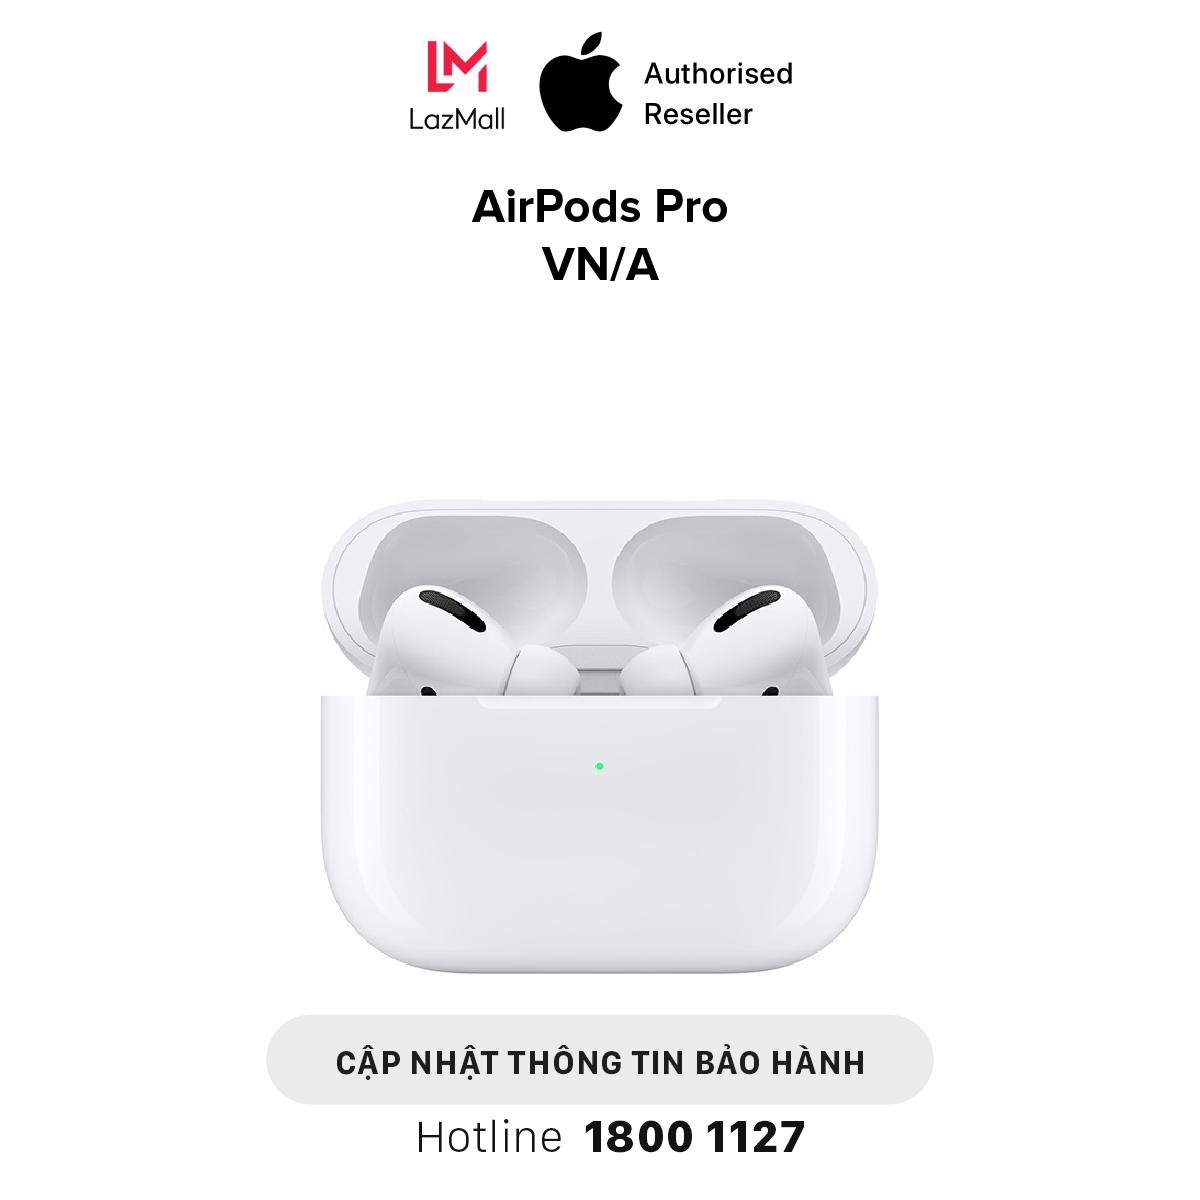 Apple AirPods Pro - Hàng Chính Hãng VN/A - MWP22VN/A